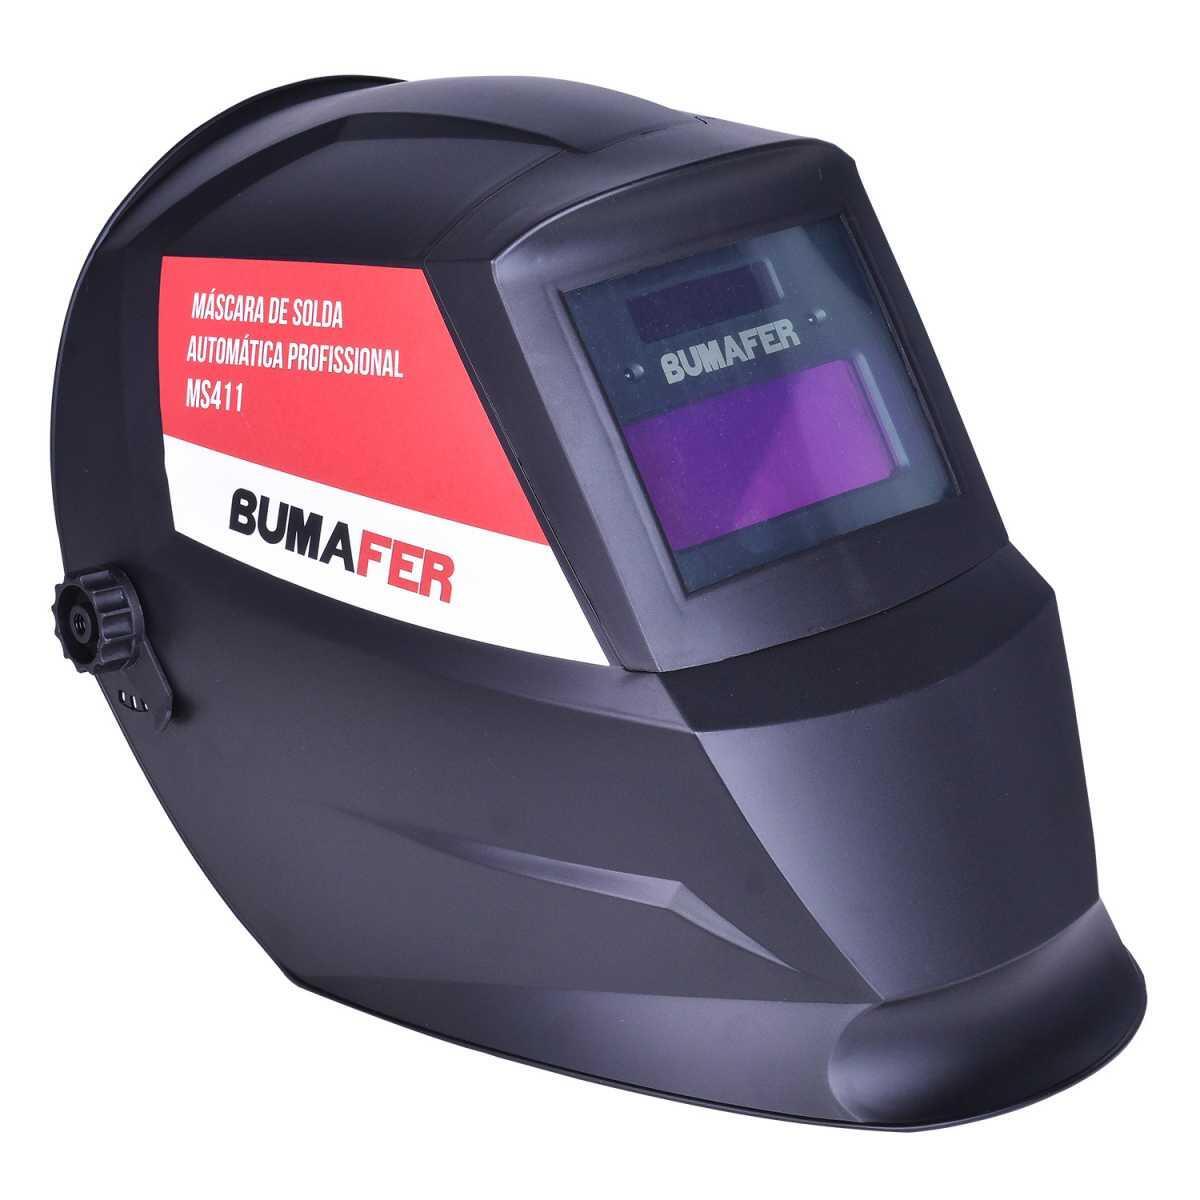 Solda Inversora Mig 200A Sm-B200 com Máscara de Solda Automática Ms411 Bumafer